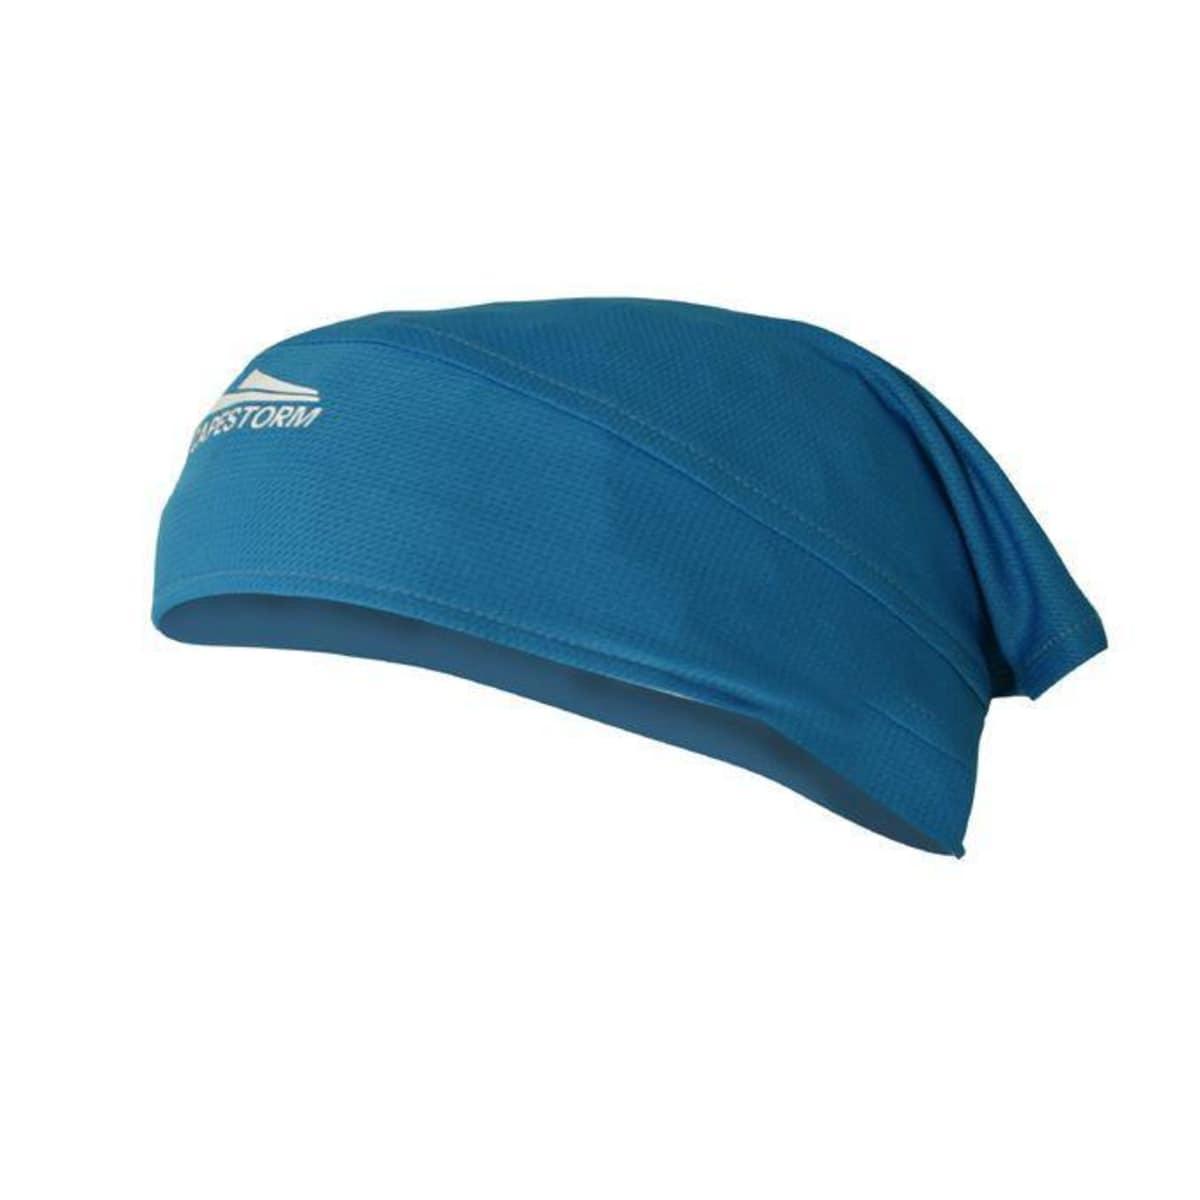 Apparel Women Sportsmans Warehouse Headbeand Headwear Buff Helix Ocean Blue Capestorm Cranium Cooler